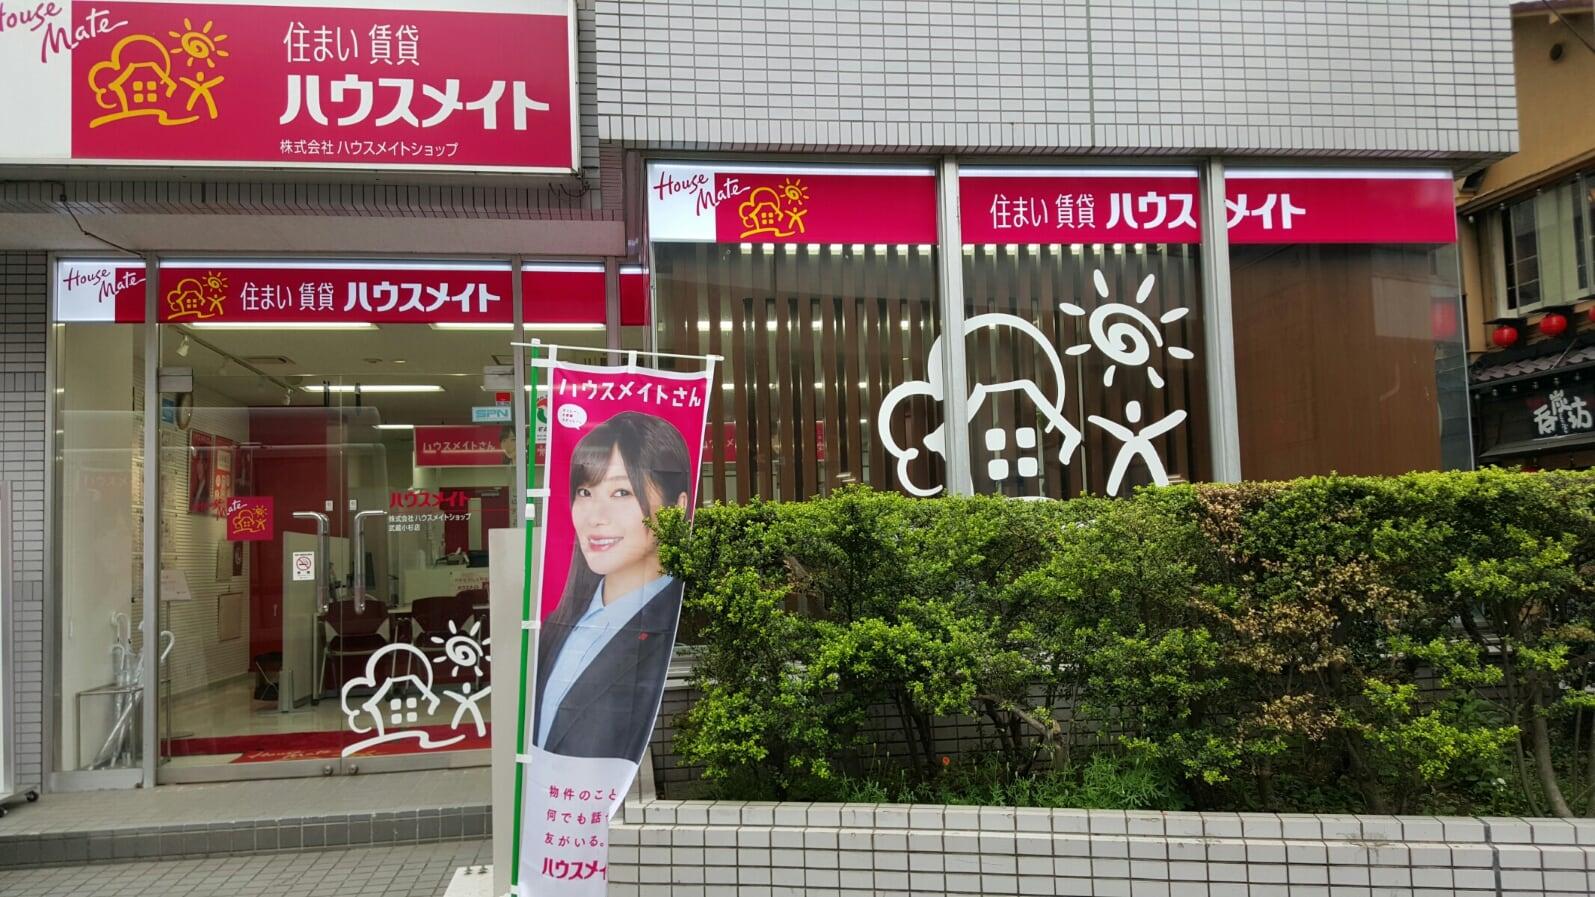 ハウスメイトショップ 武蔵小杉店